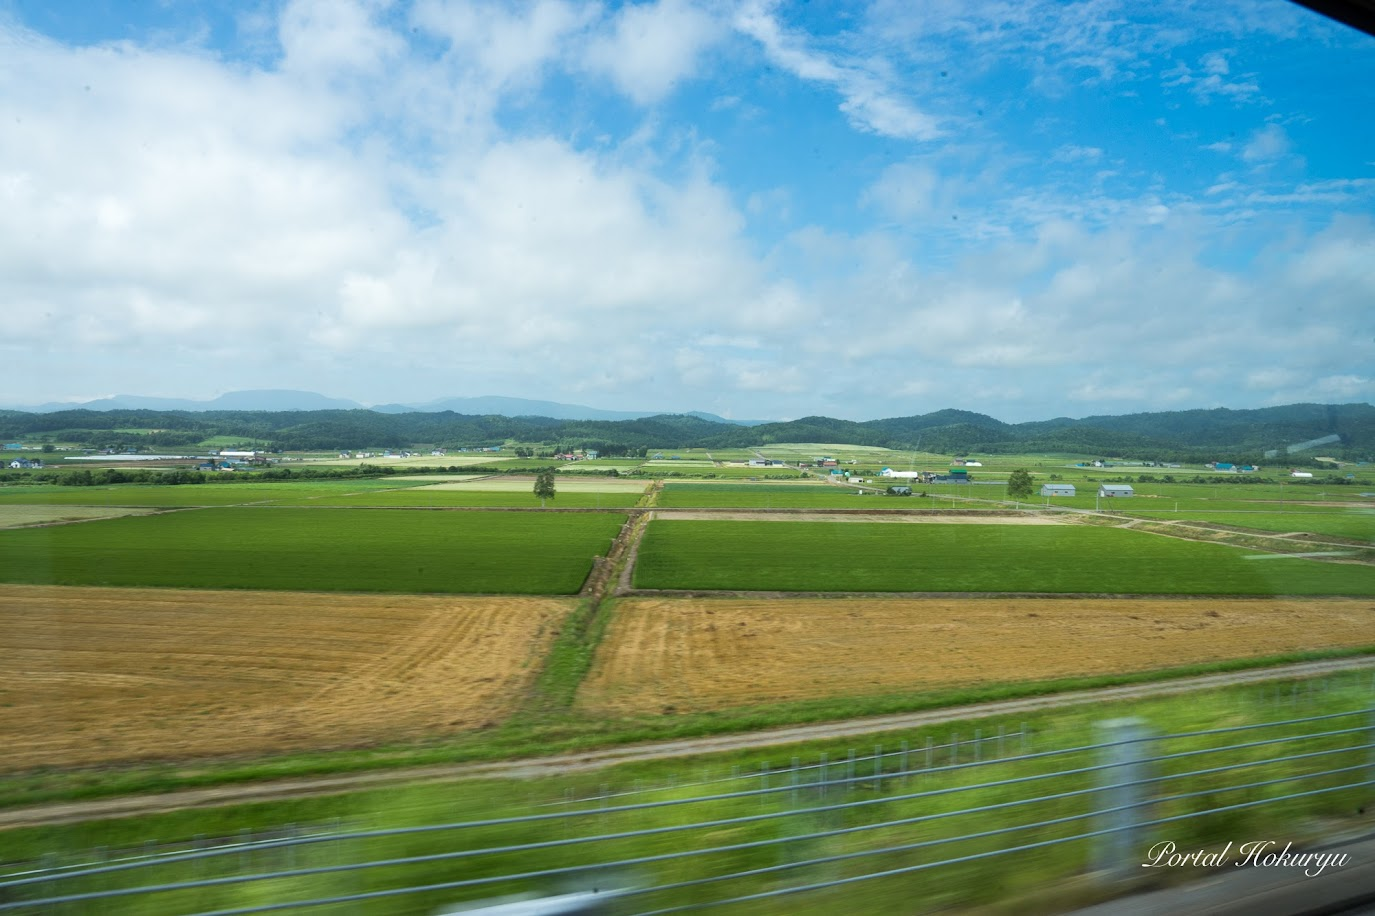 広がる田園風景